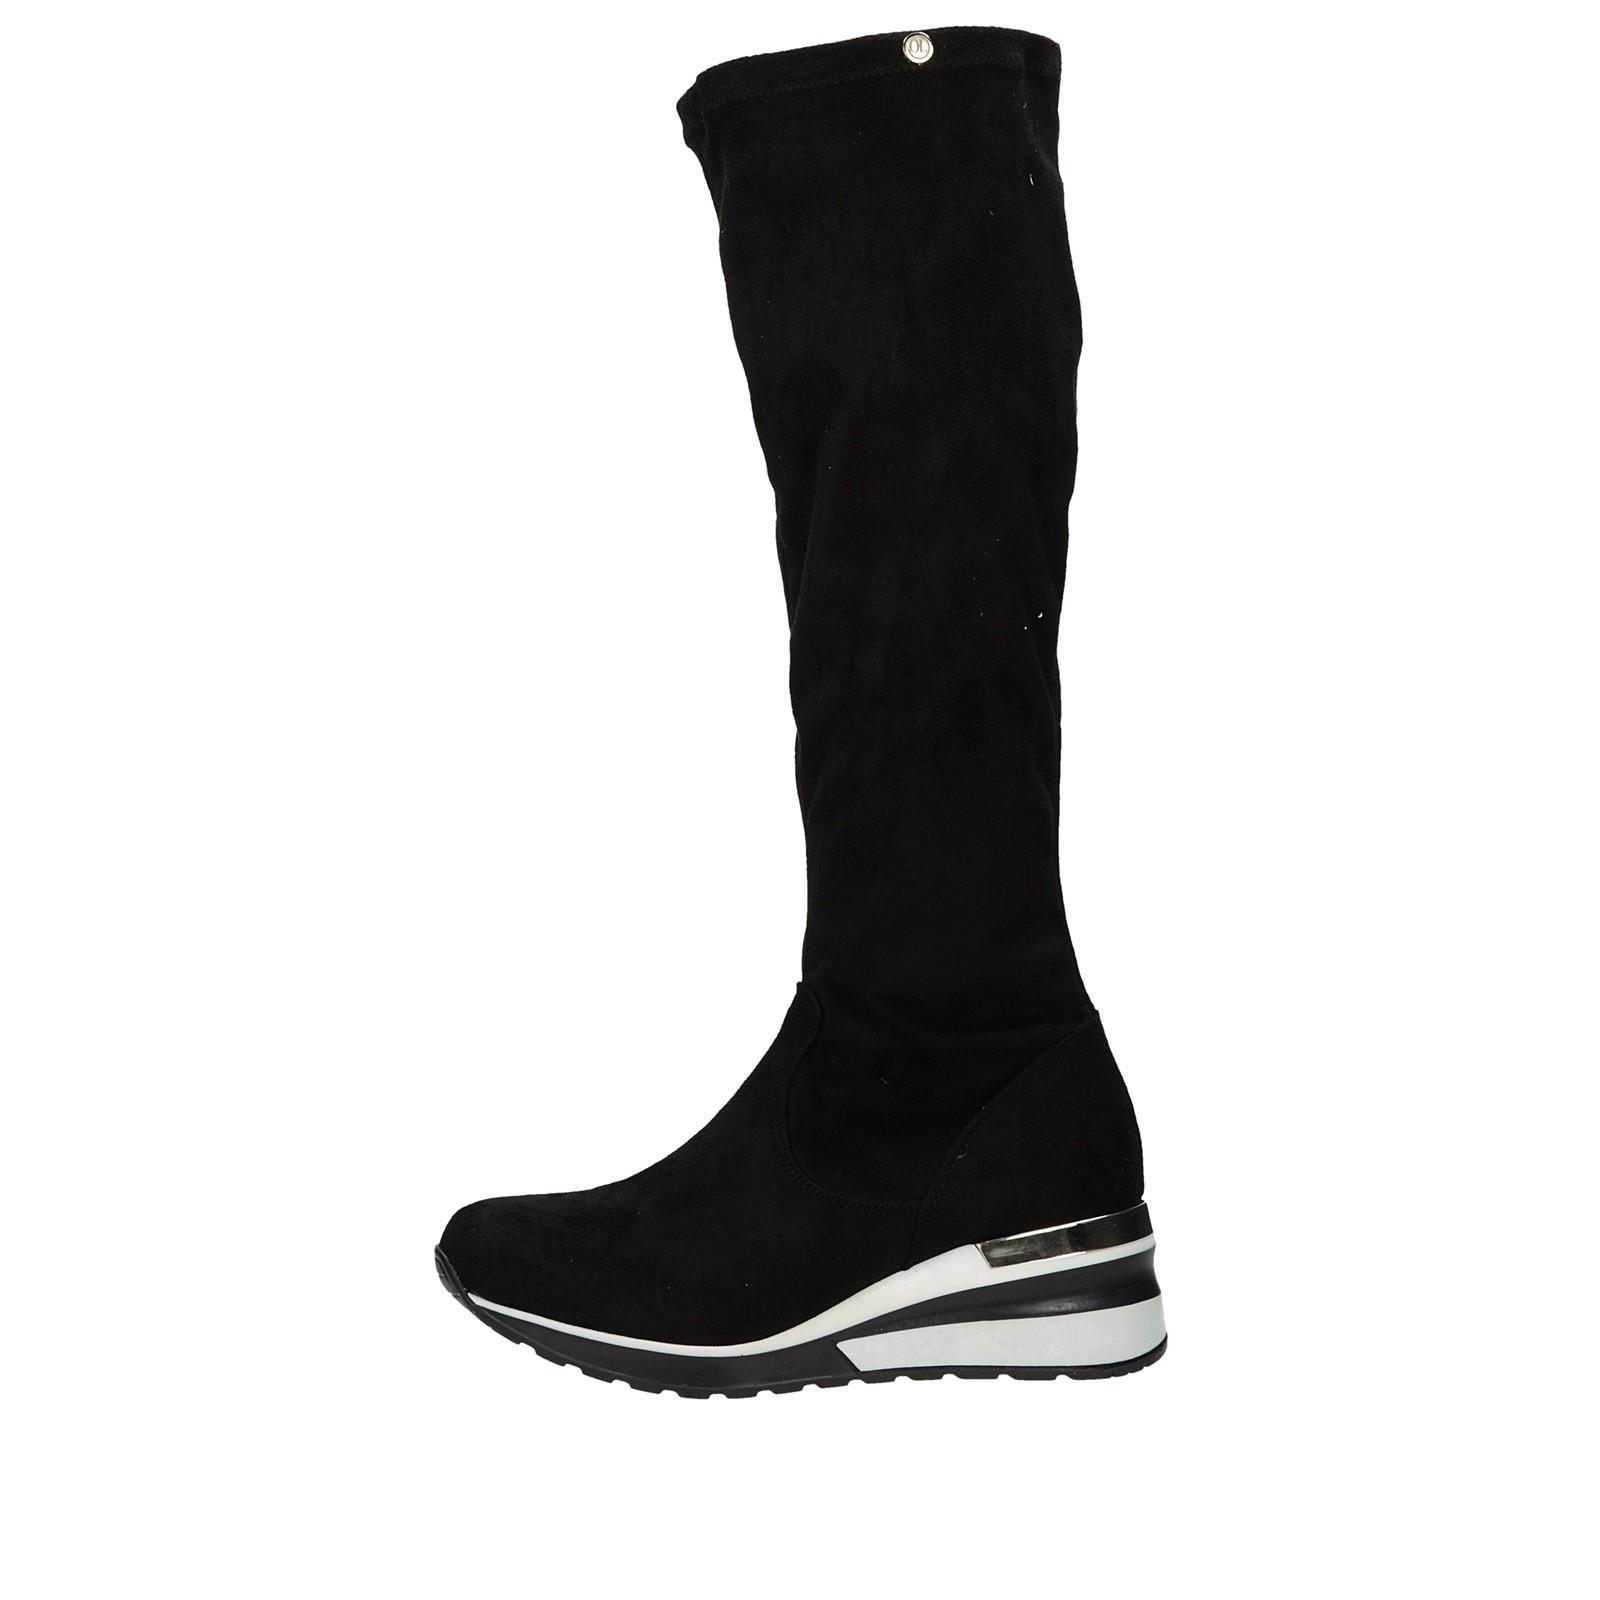 c6bd48ff52 ... Olivia shoes dámske vysoké semišové čižmy - čierne ...